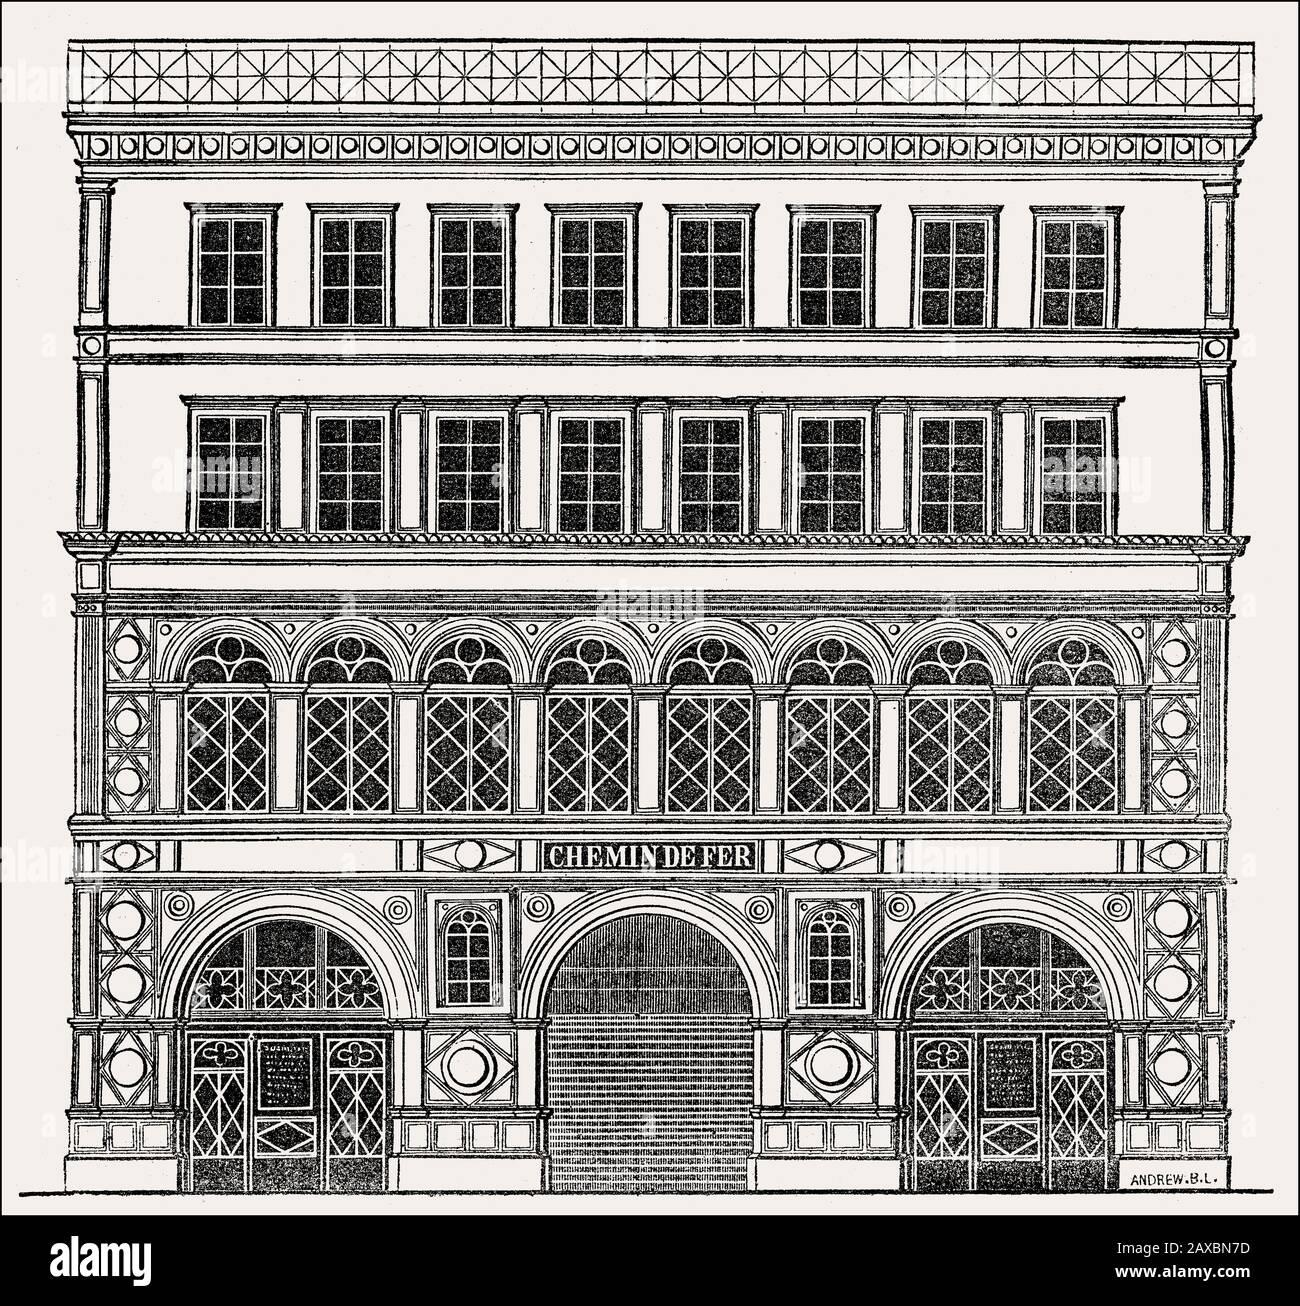 Die geplante Fassade des Bahnhofs Madeleine, Rue Tronchet, Paris, Frankreich, 1830er Jahre Stockfoto